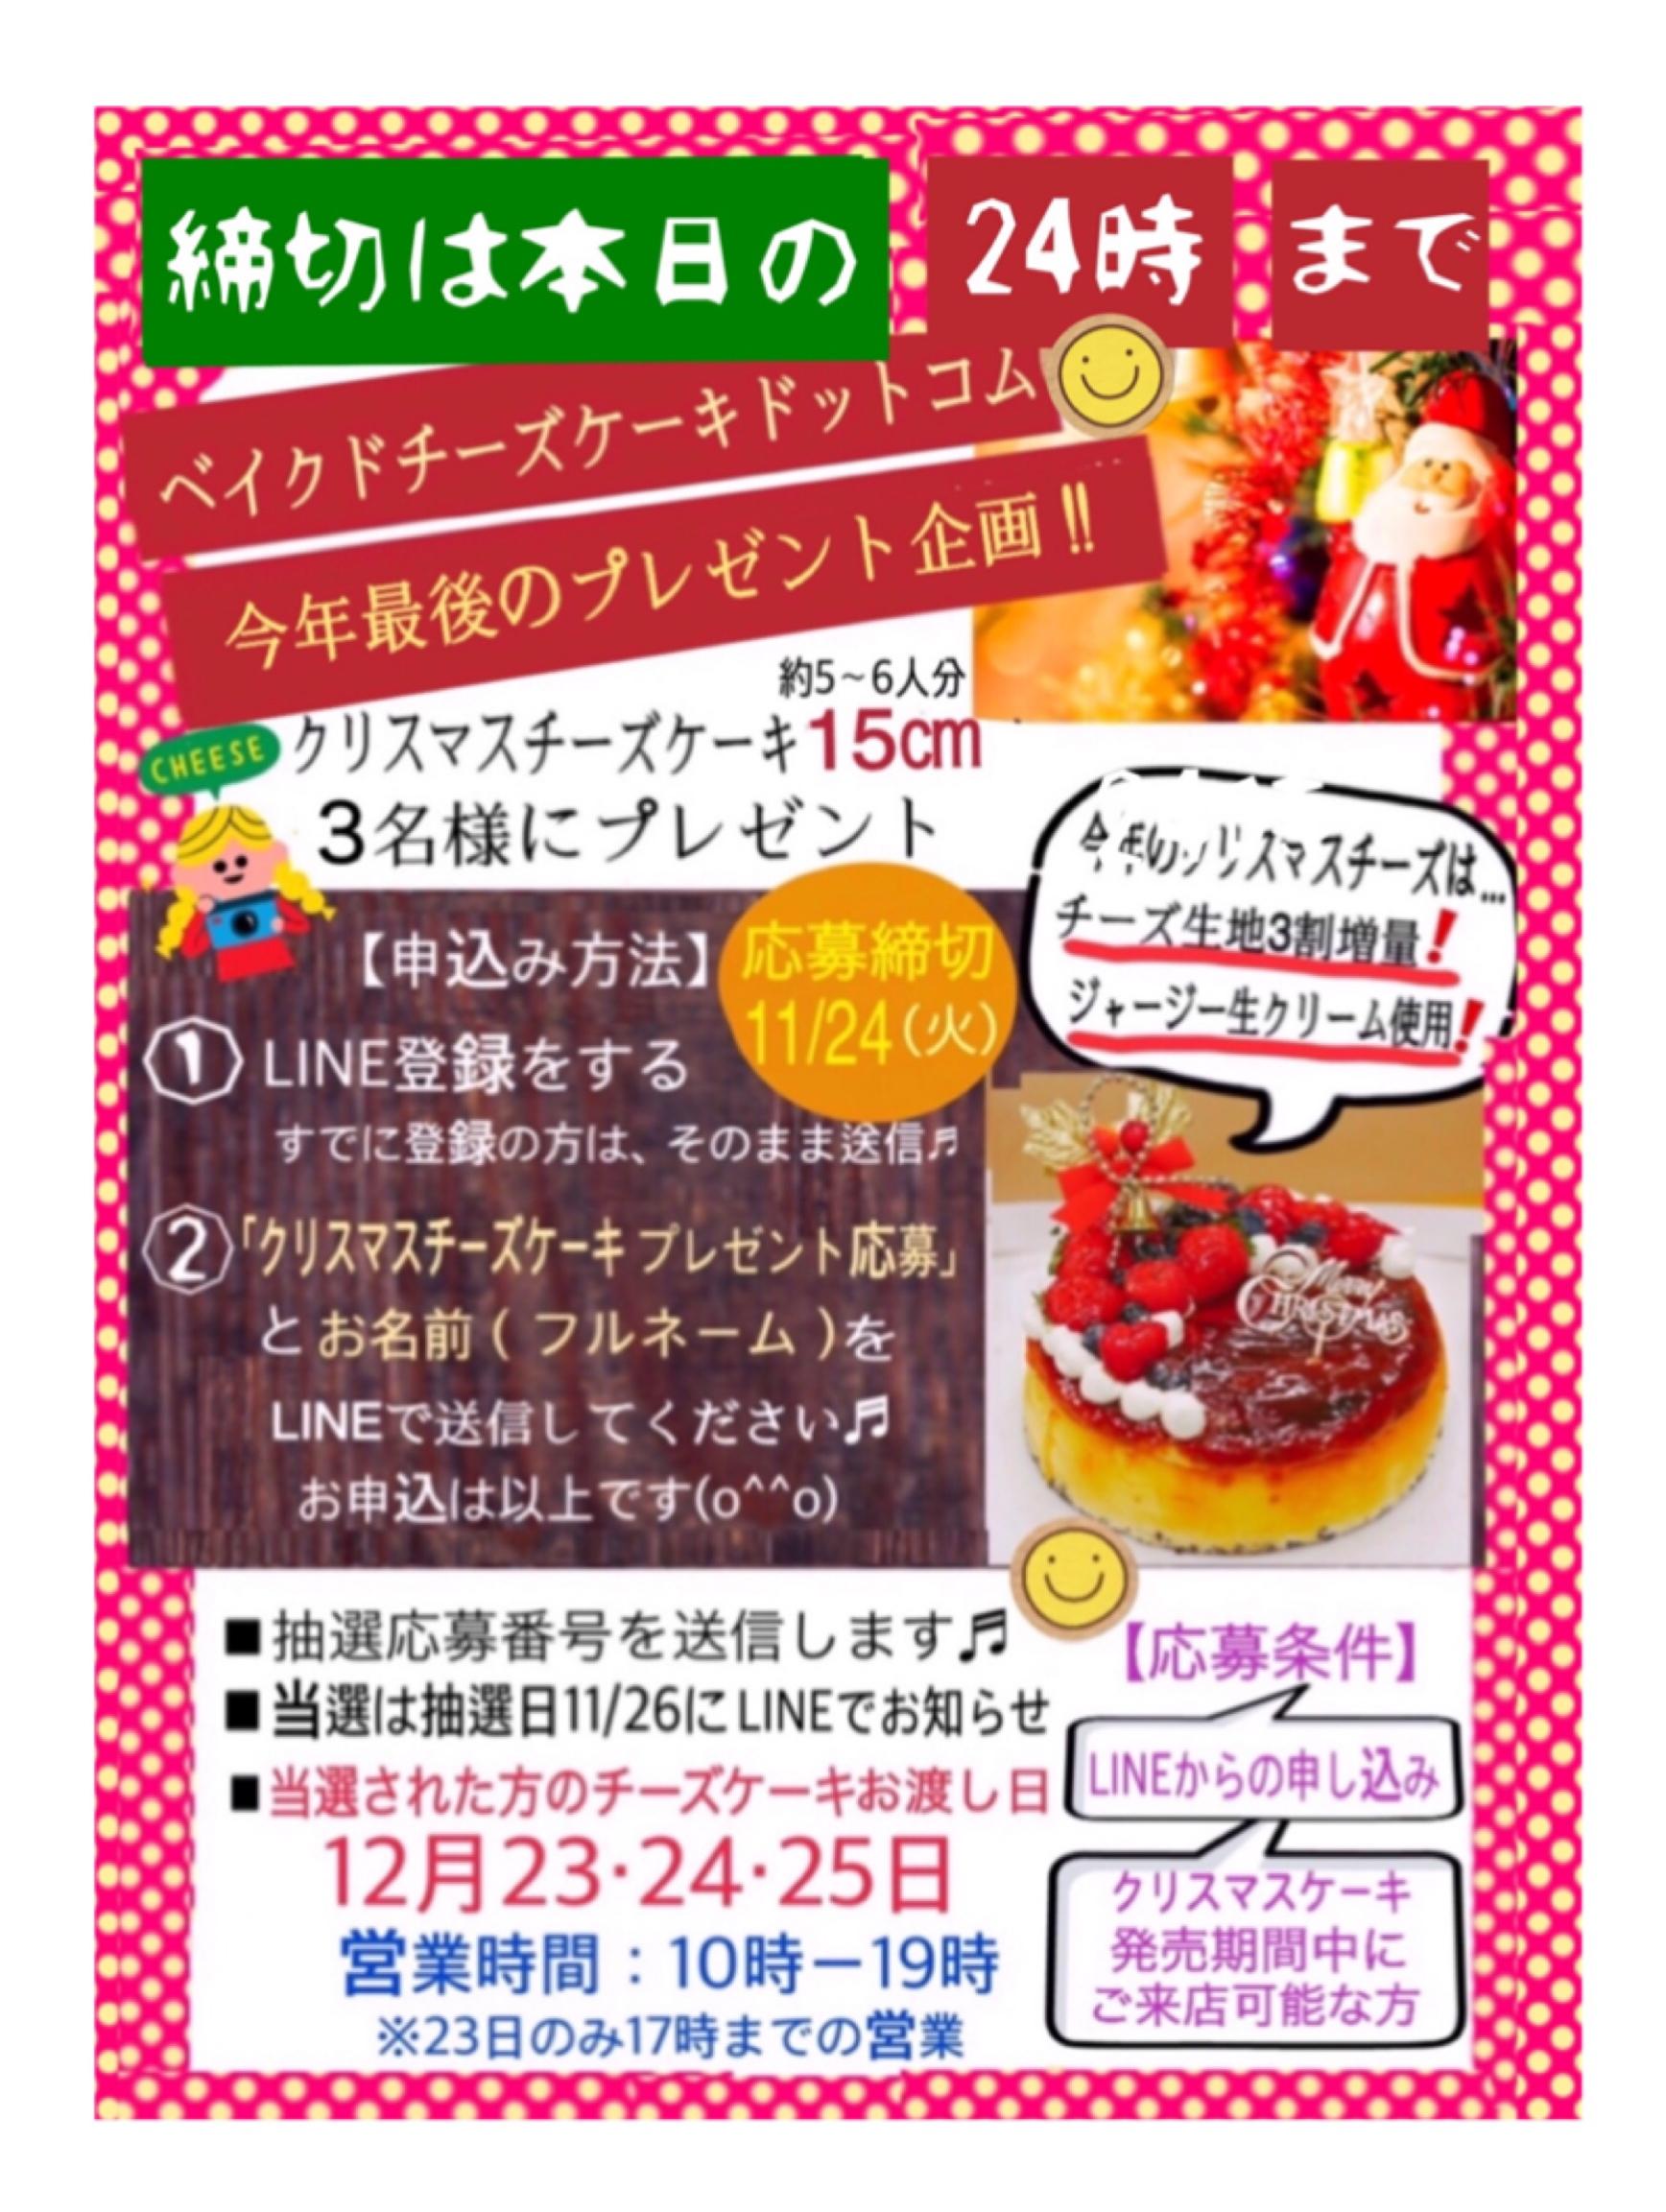 Xmasチーズケーキプレゼントご応募 締切本日まで!